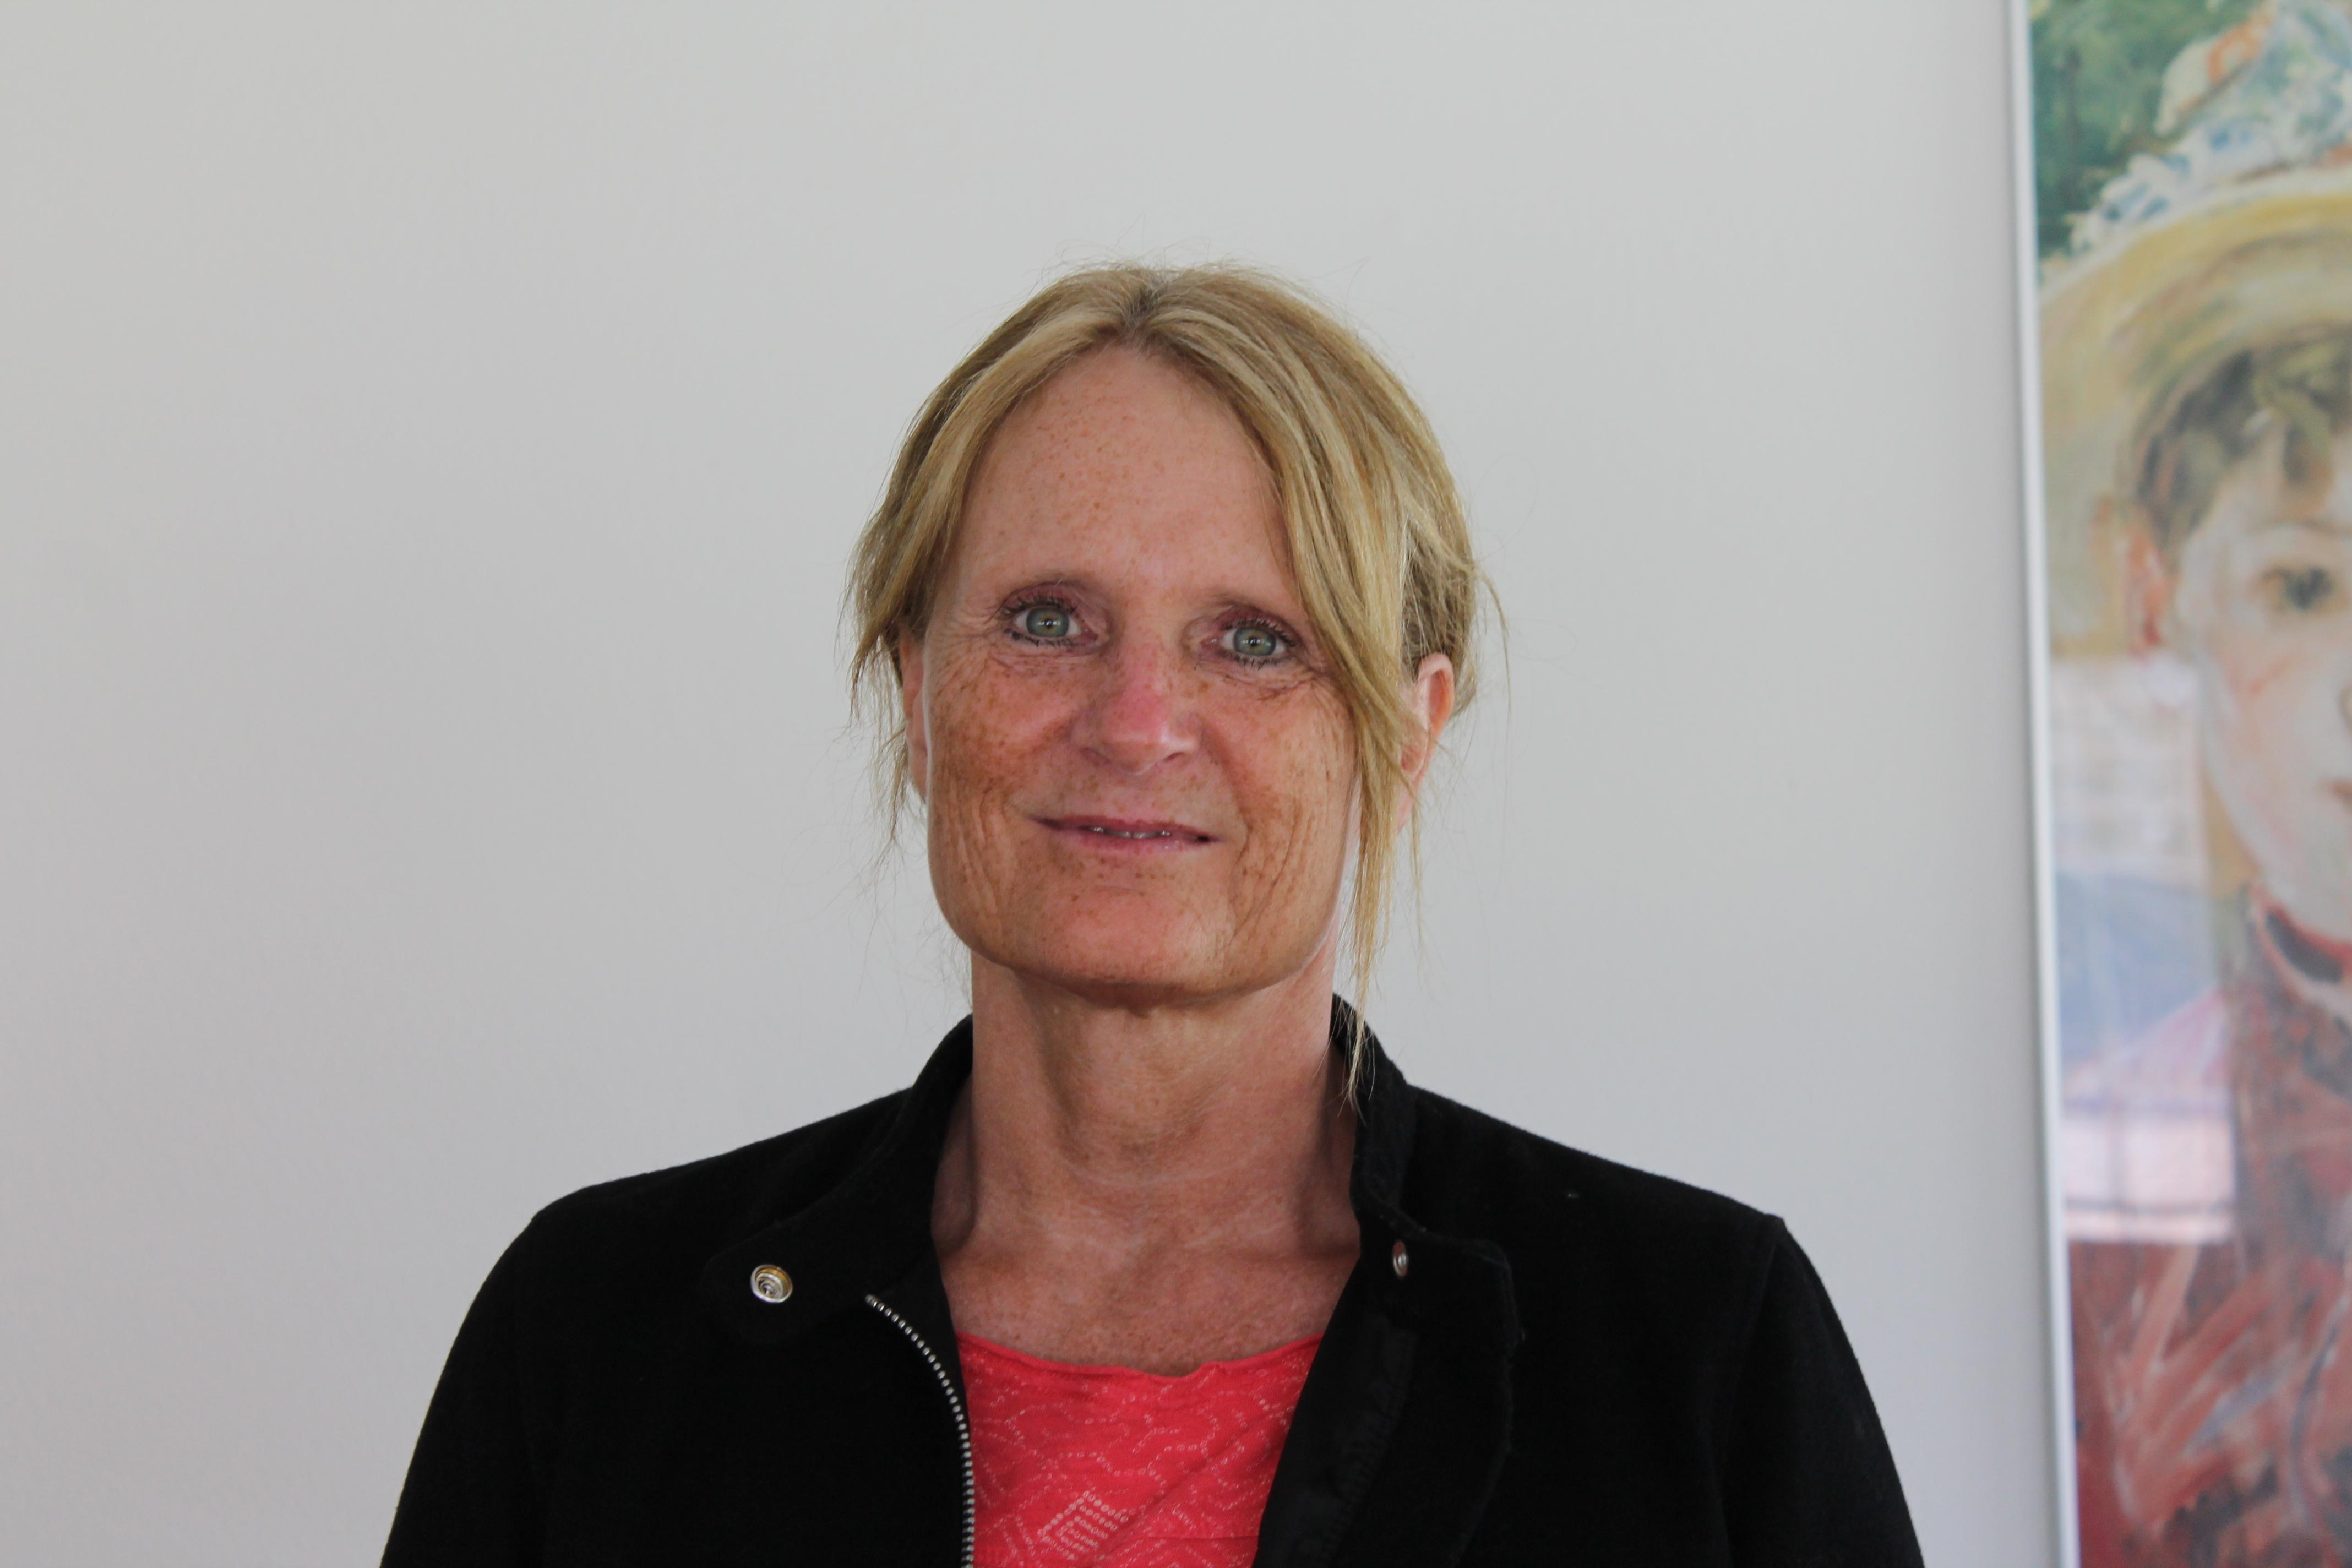 Tinne Hoff Kjeldsen